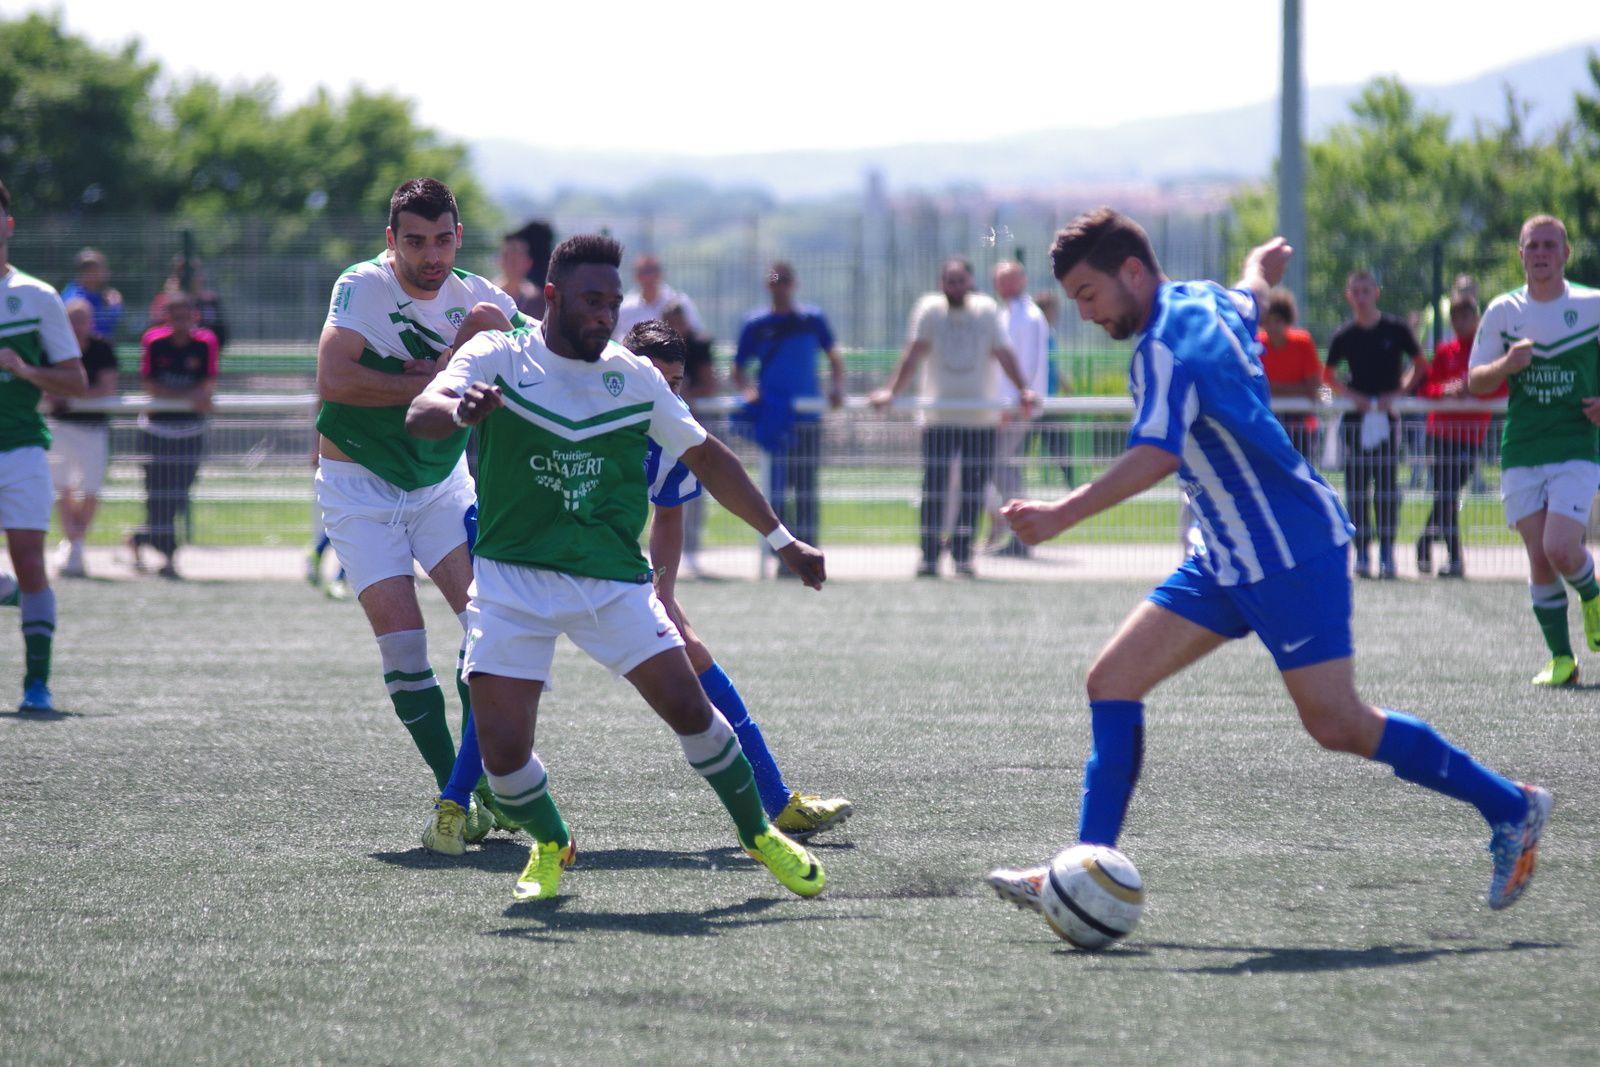 La réserve de l'ASVM a toutes les chances de finr le championnat à la première place de son groupe d'honneur régional